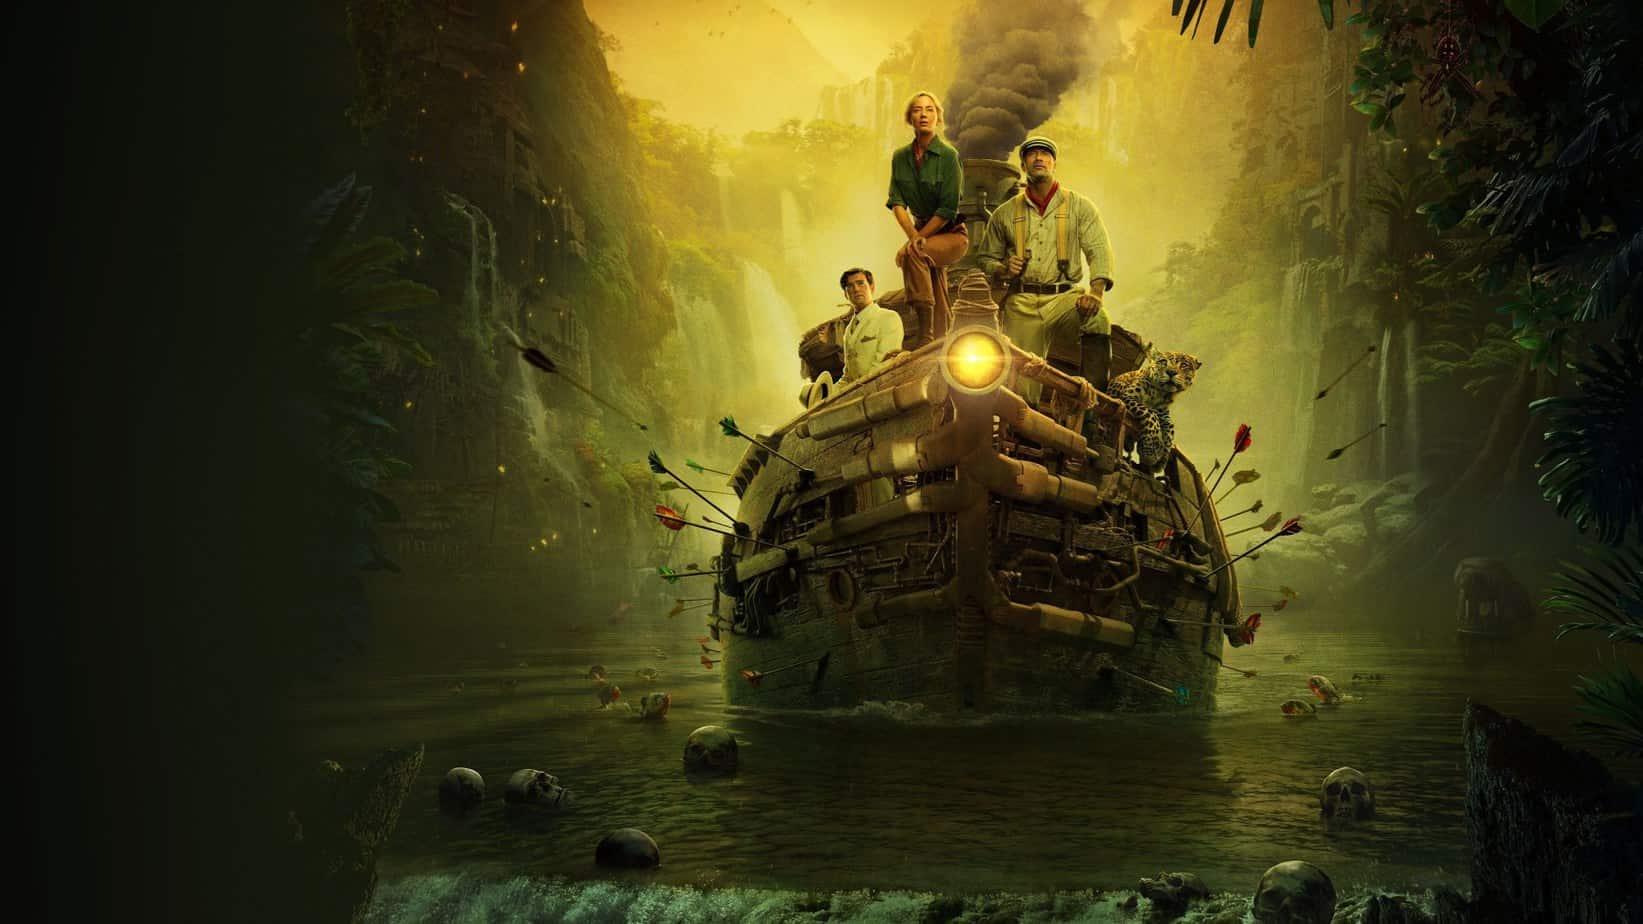 Disney perçoit un tiers des revenus de Jungle Cruise grâce à Disney+